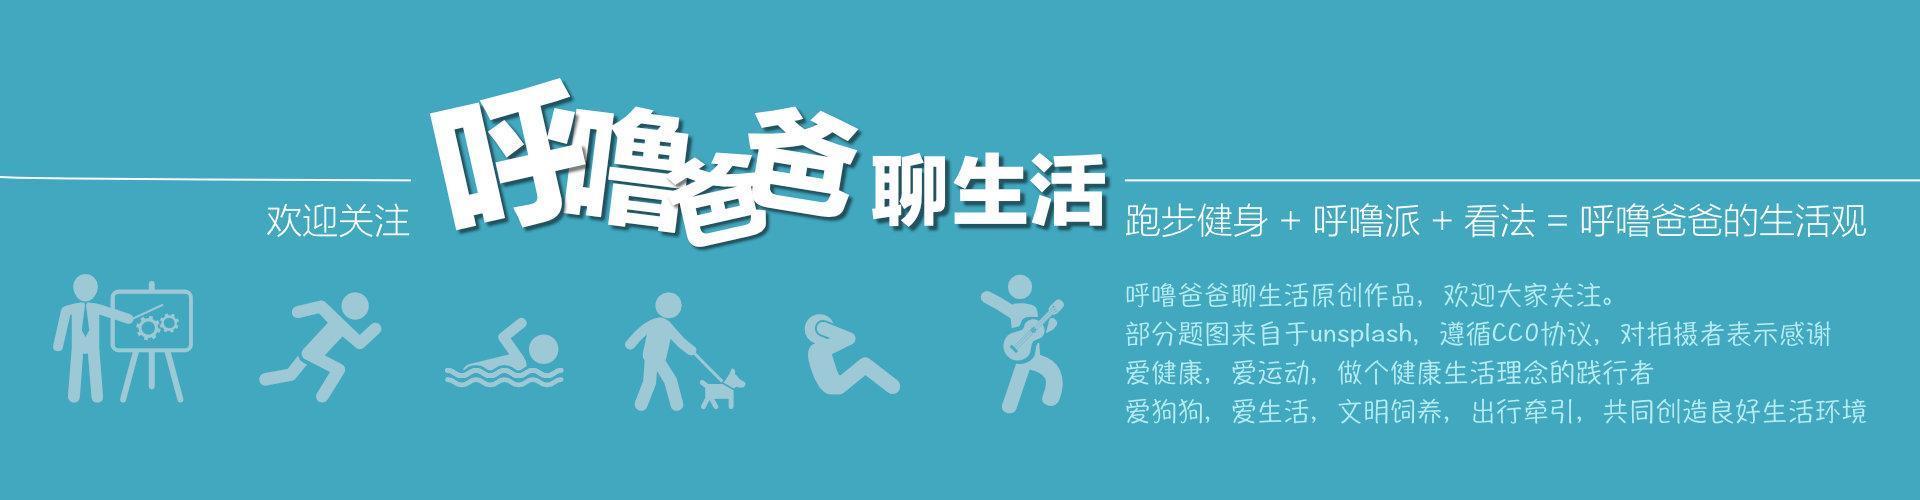 跑者日常训练干货:单一肌群主动拉伸(AIS)系列